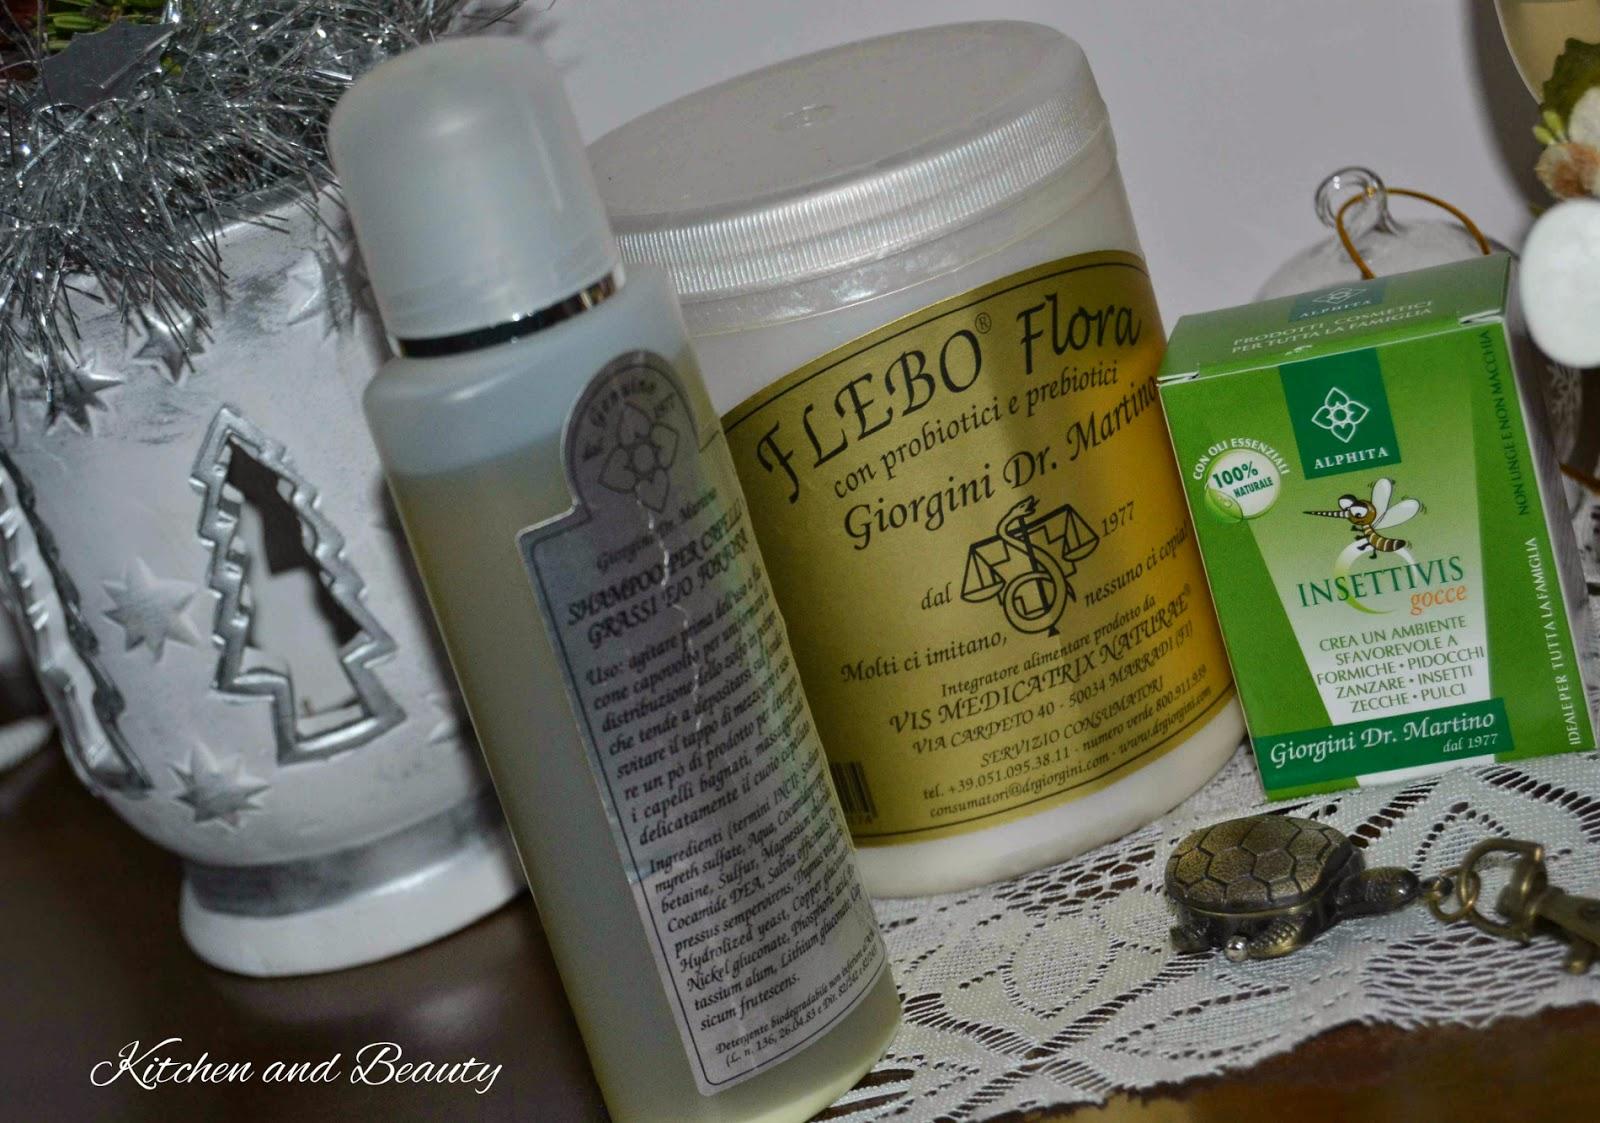 curarsi naturalmente con i prodotti dr. giorgini